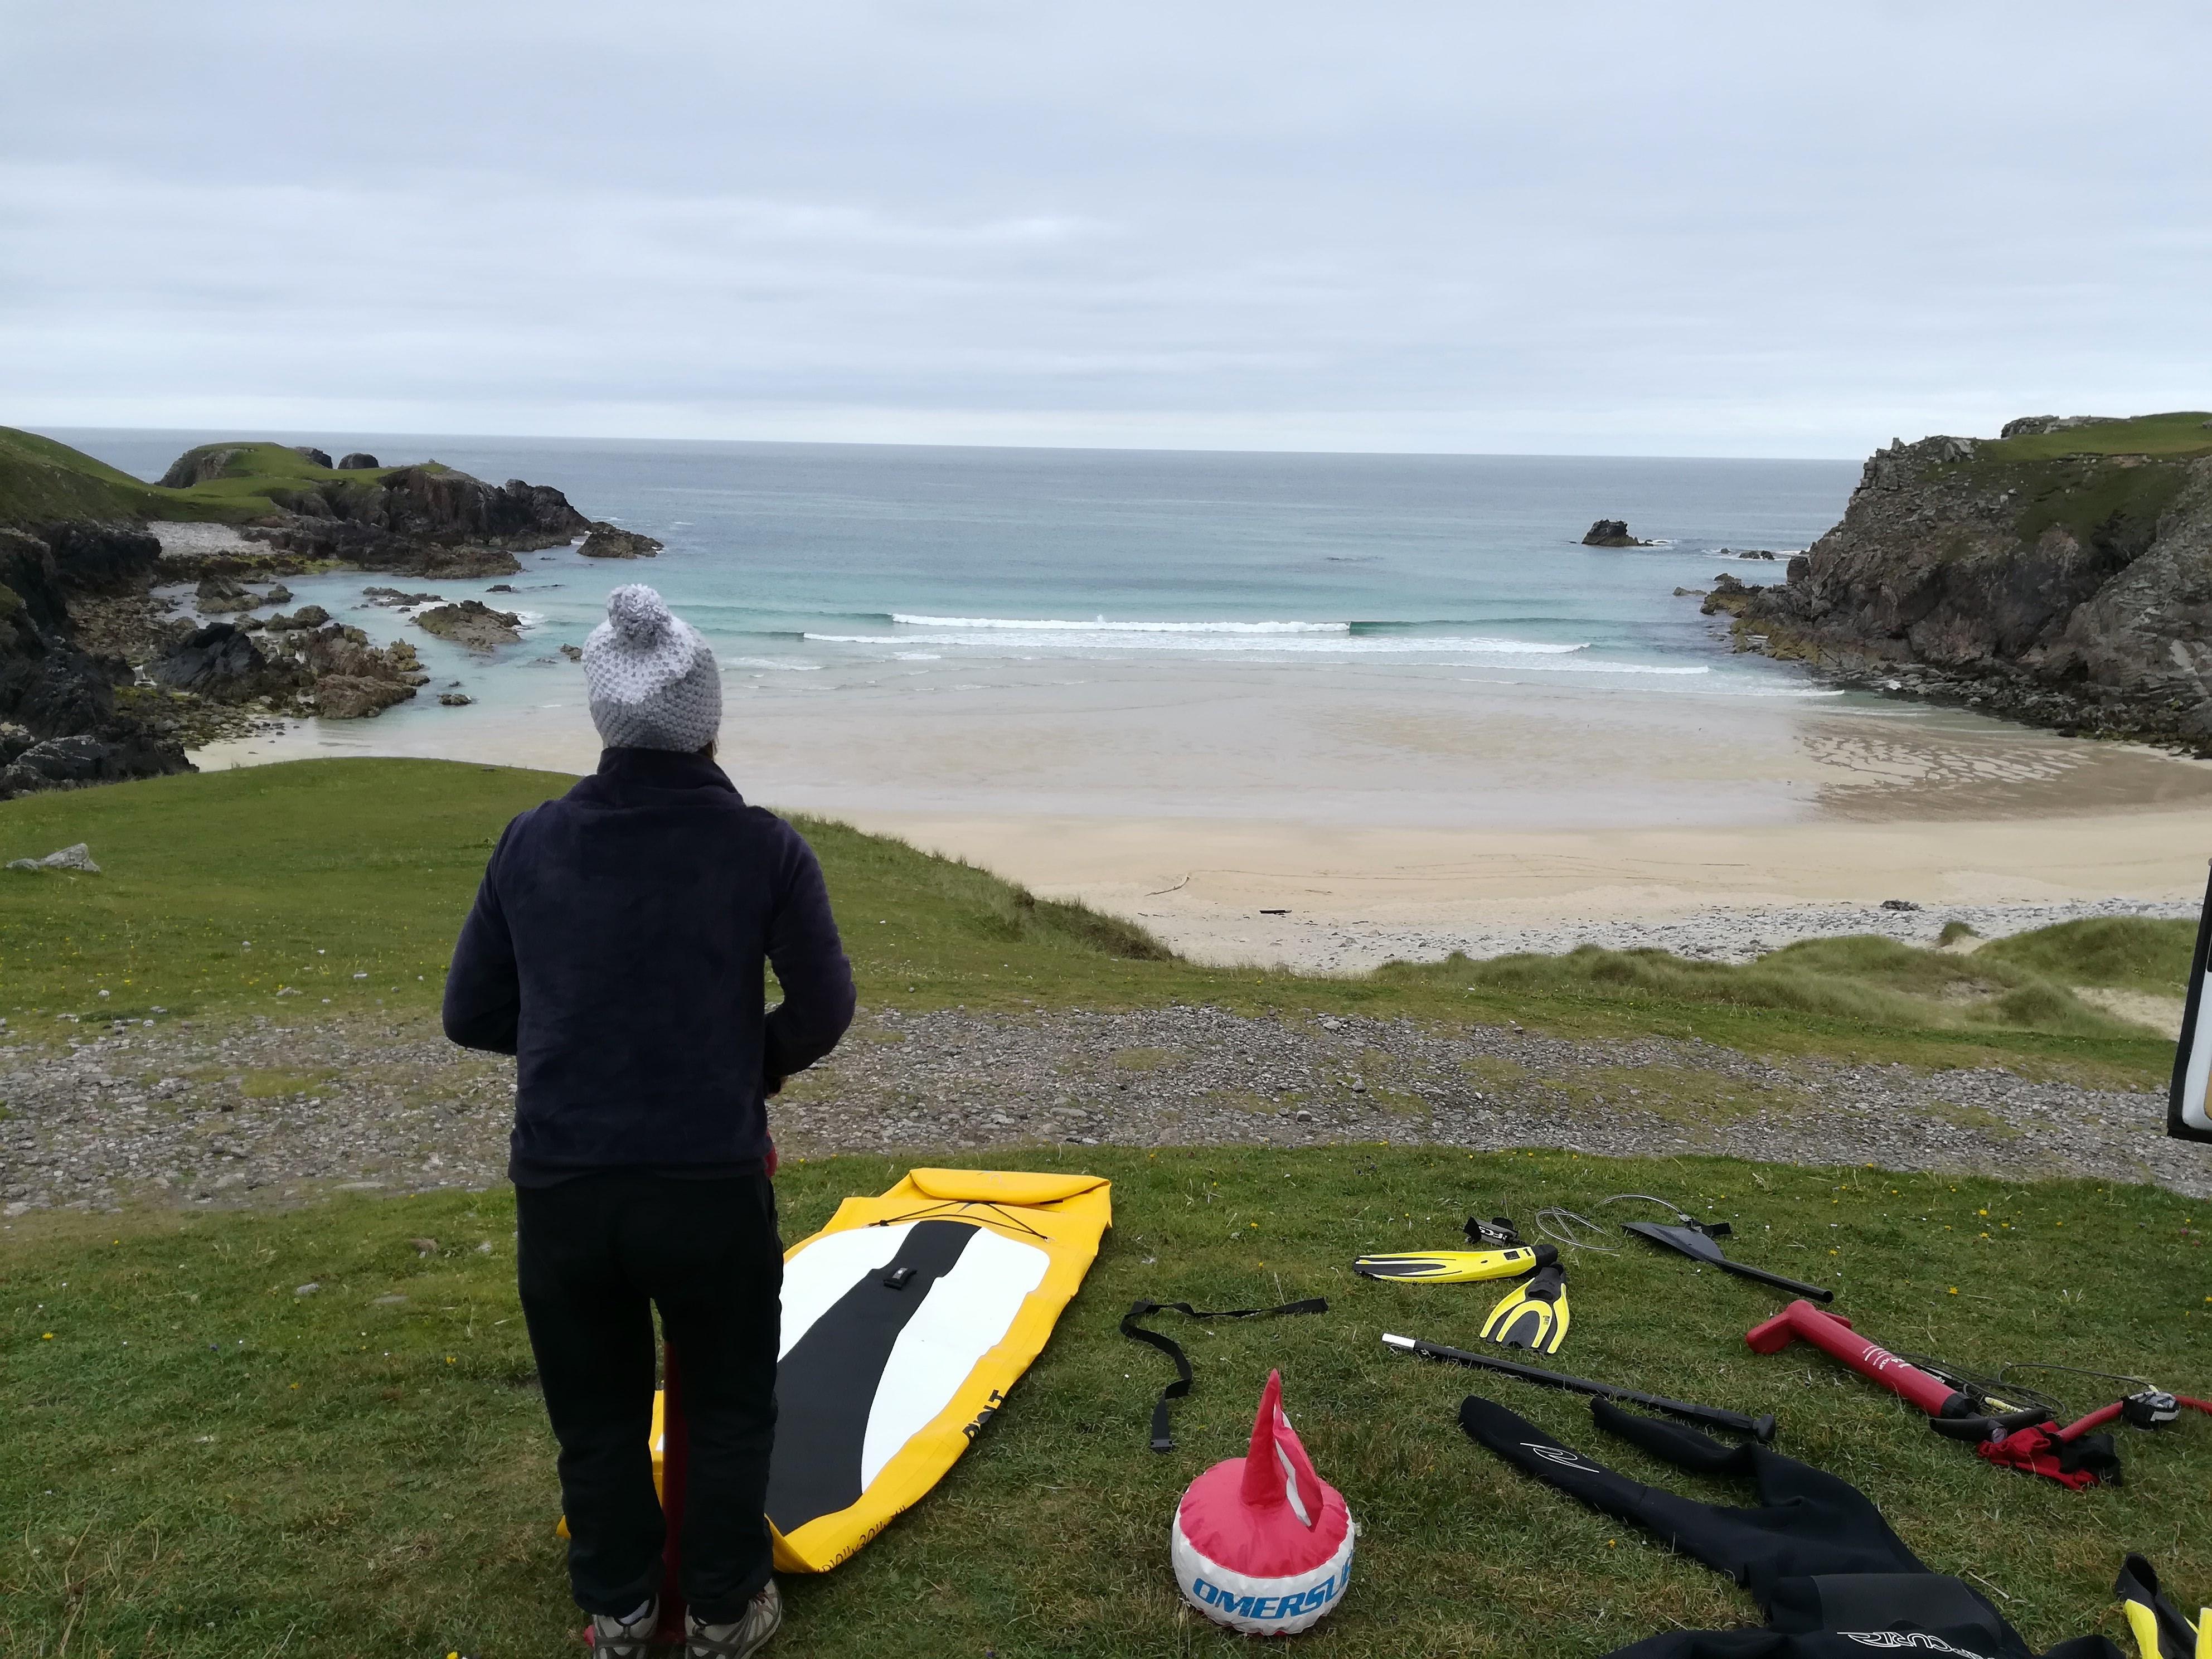 surf spot mangerta Lewis hébrides